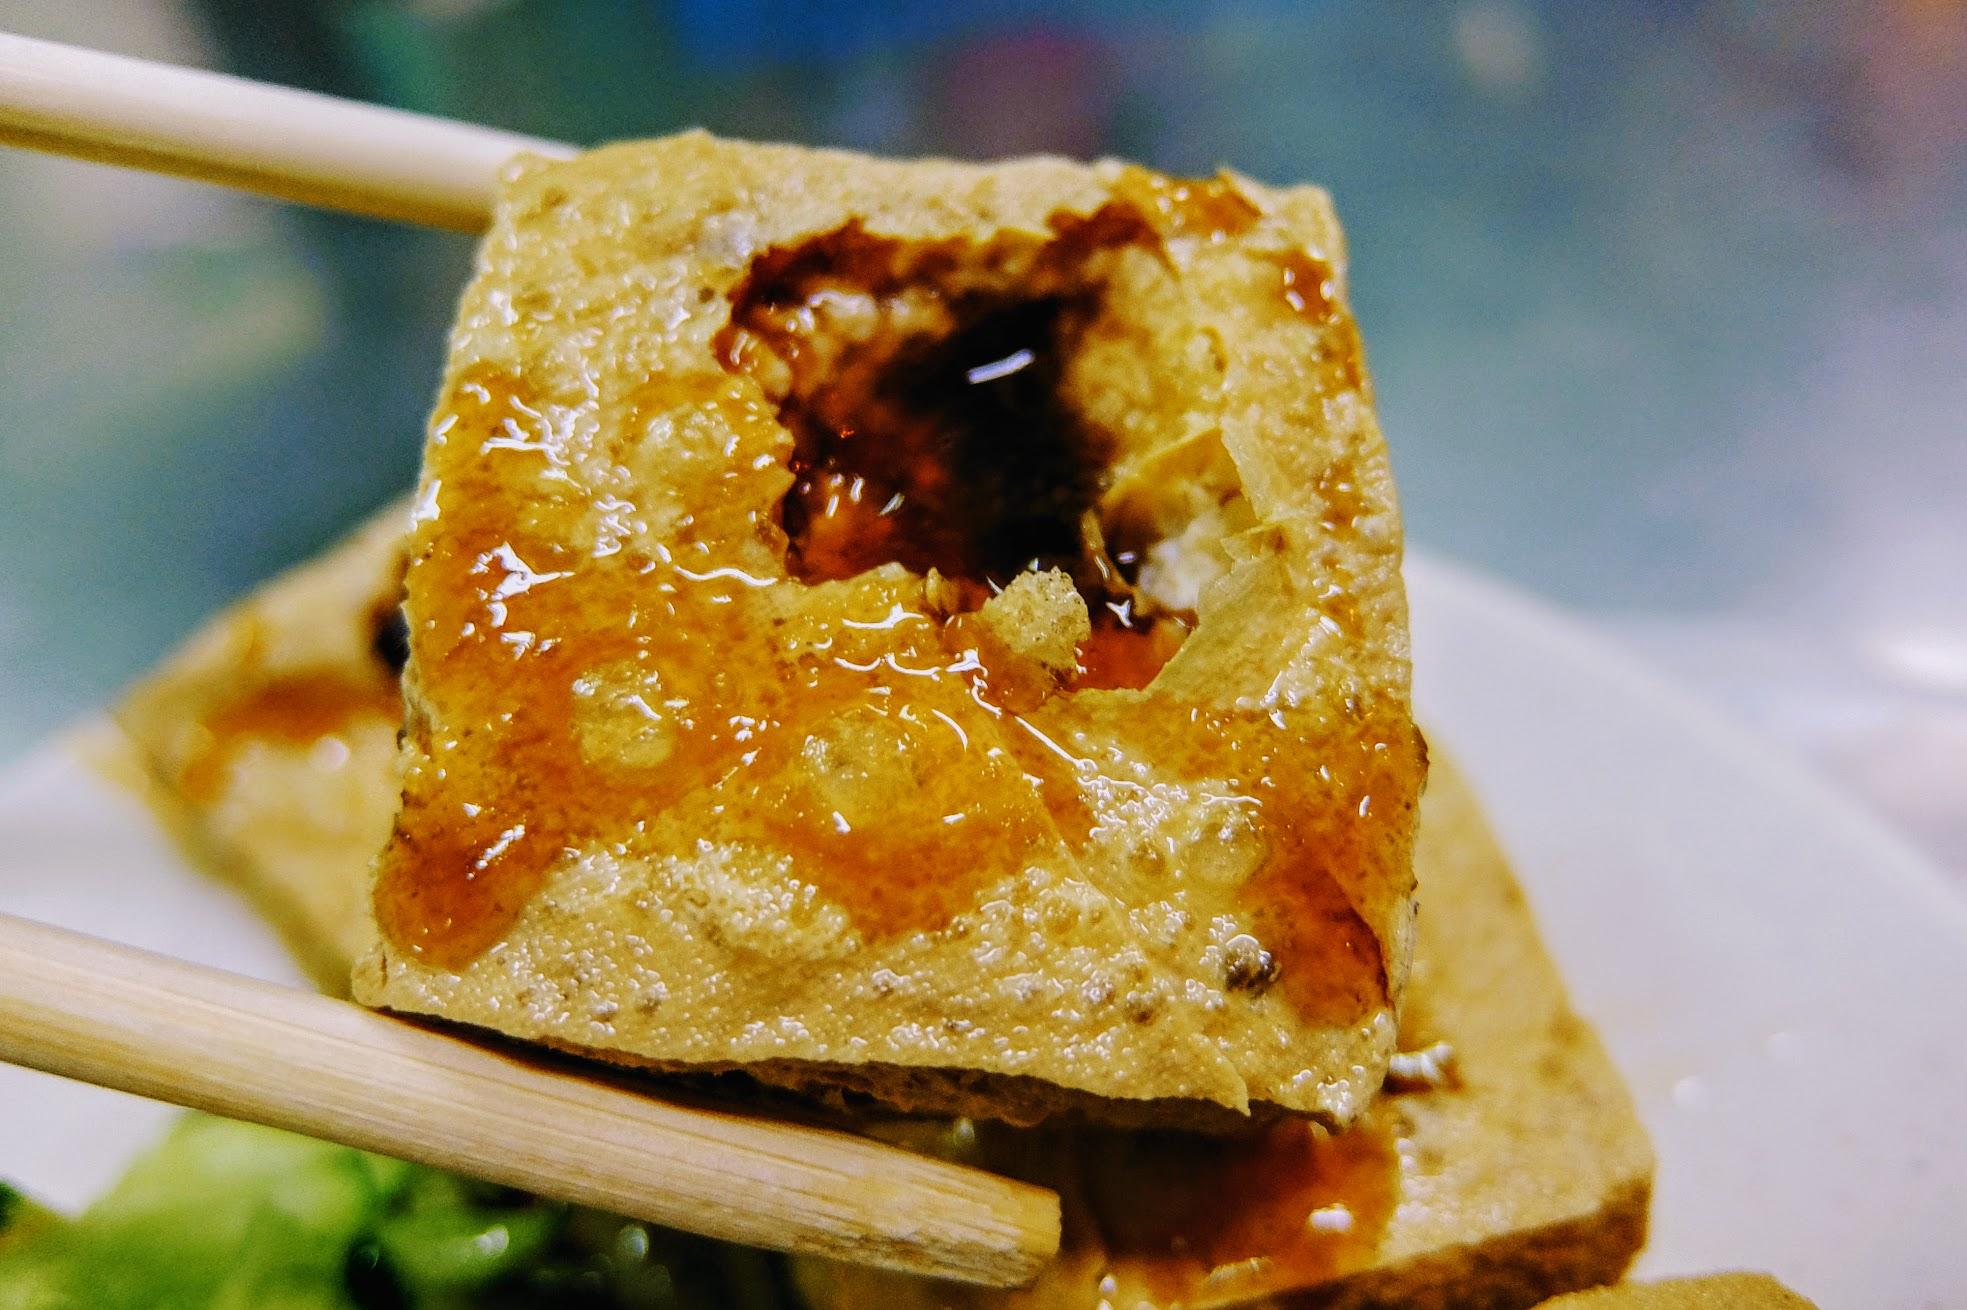 臭豆腐戳洞,淋上蒜蓉醬,再搭配旁邊的黃瓜絲與泡菜,對味!